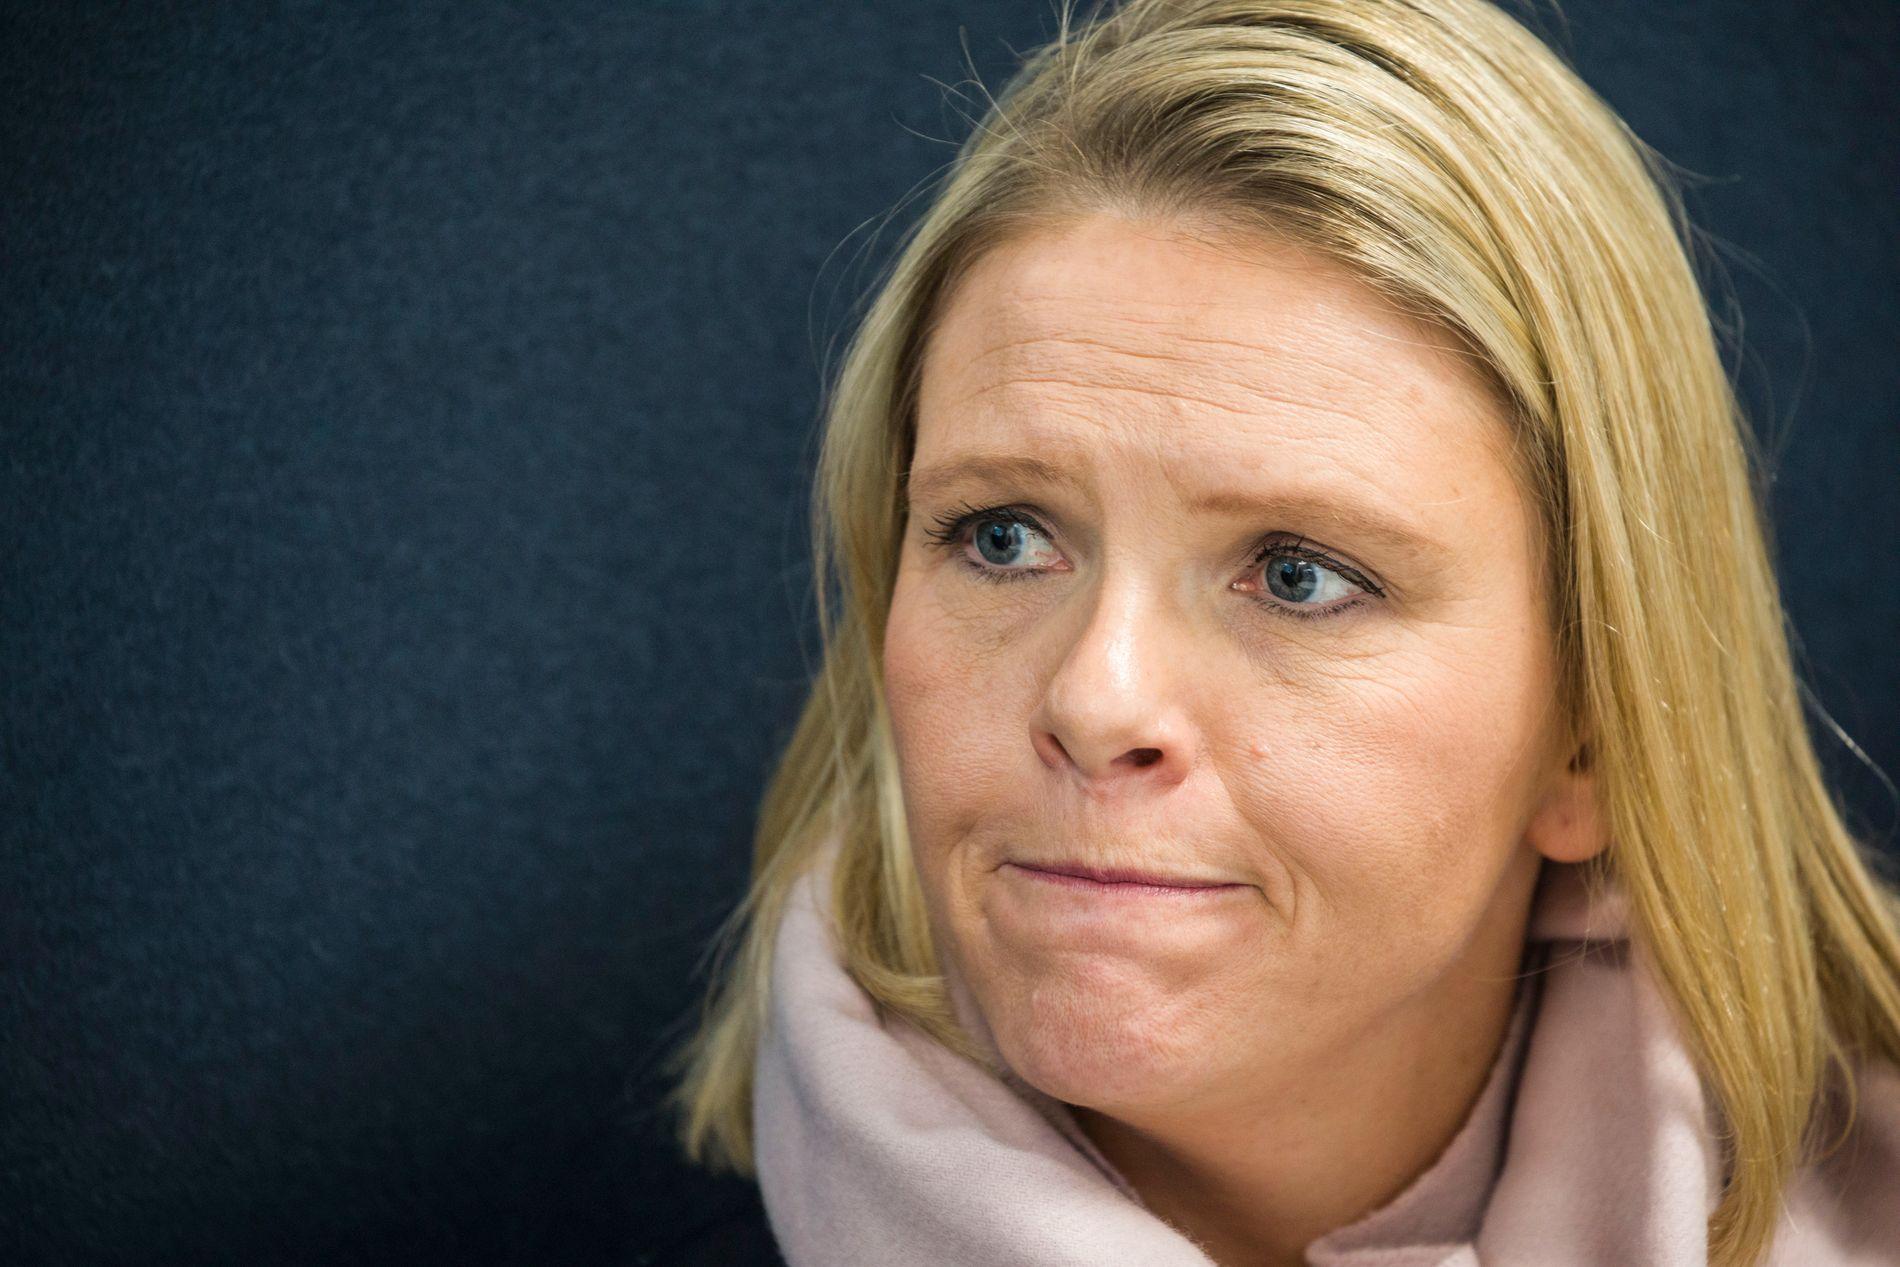 ULOVLIG: Justisminister Sylvi Listhaug publiserte bildet på Facebook uten lov.